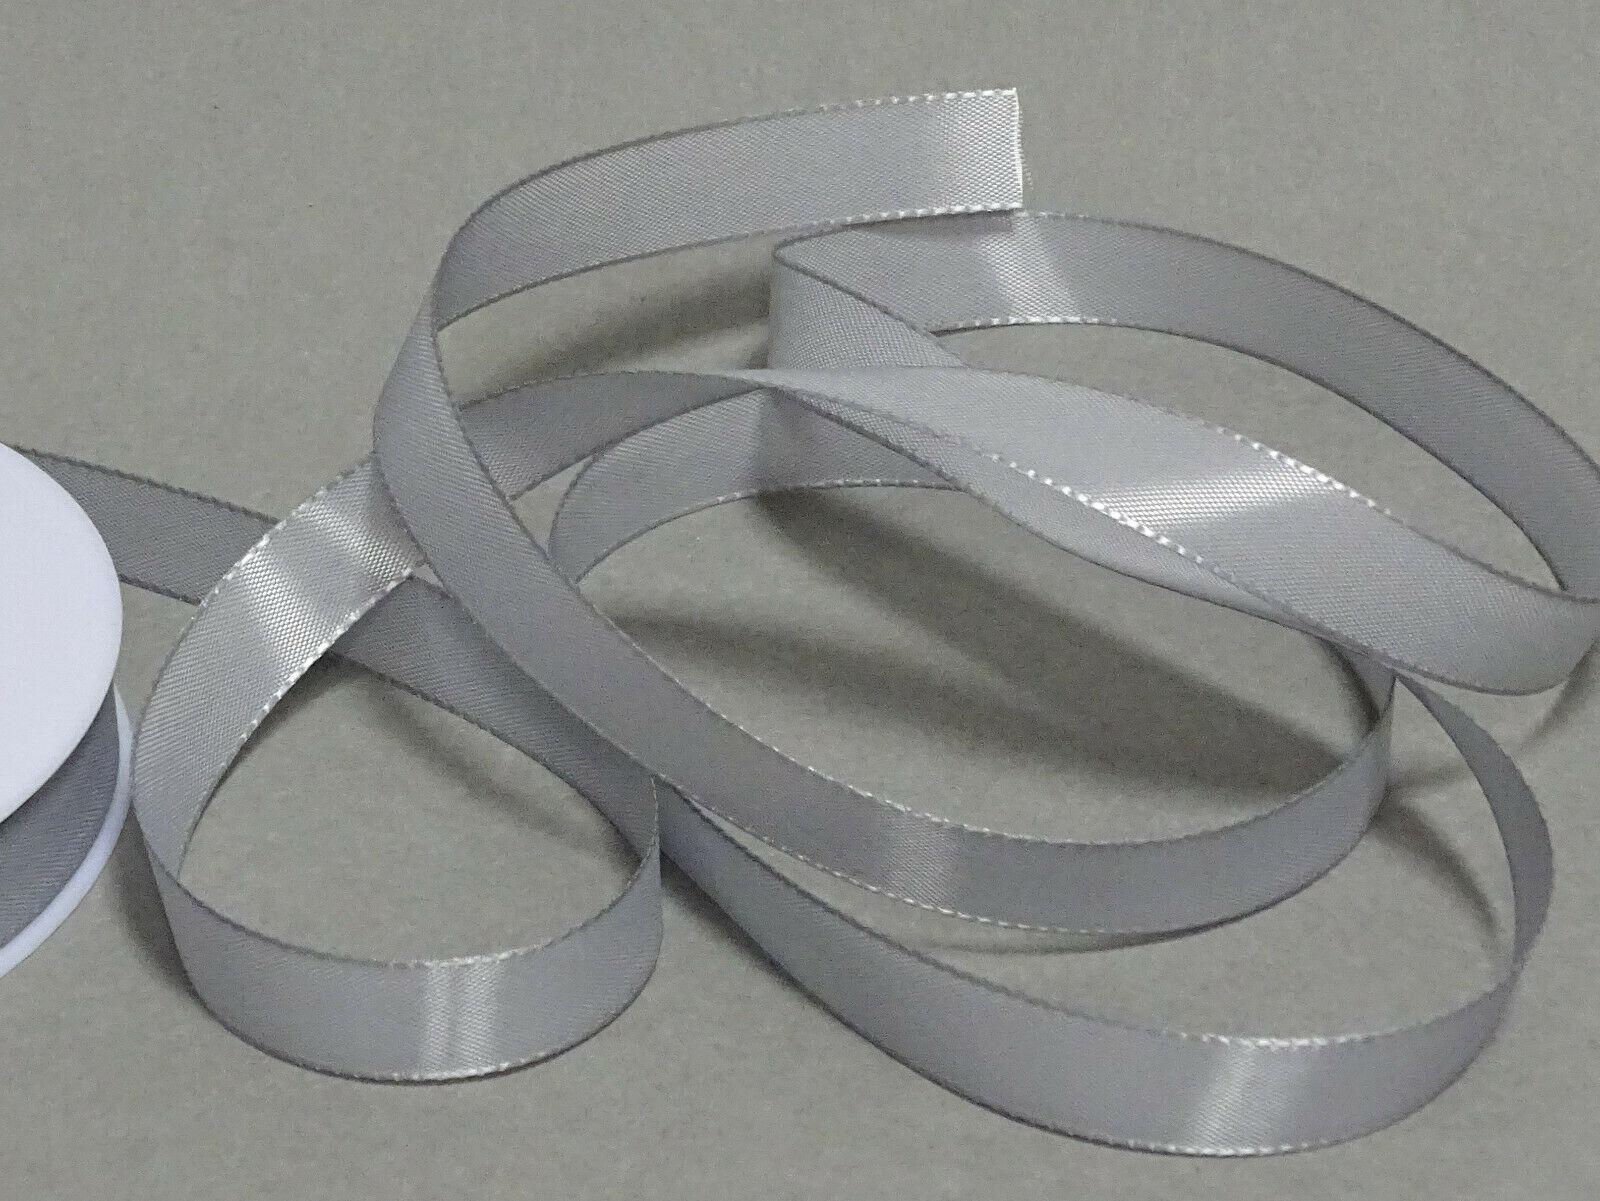 Seidenband Schleifenband 50 m x 15 / 25 / 40mm Dekoband ab 0,08€/m Geschenkband  - Silber-Grau 903, 25 mm x 50 m